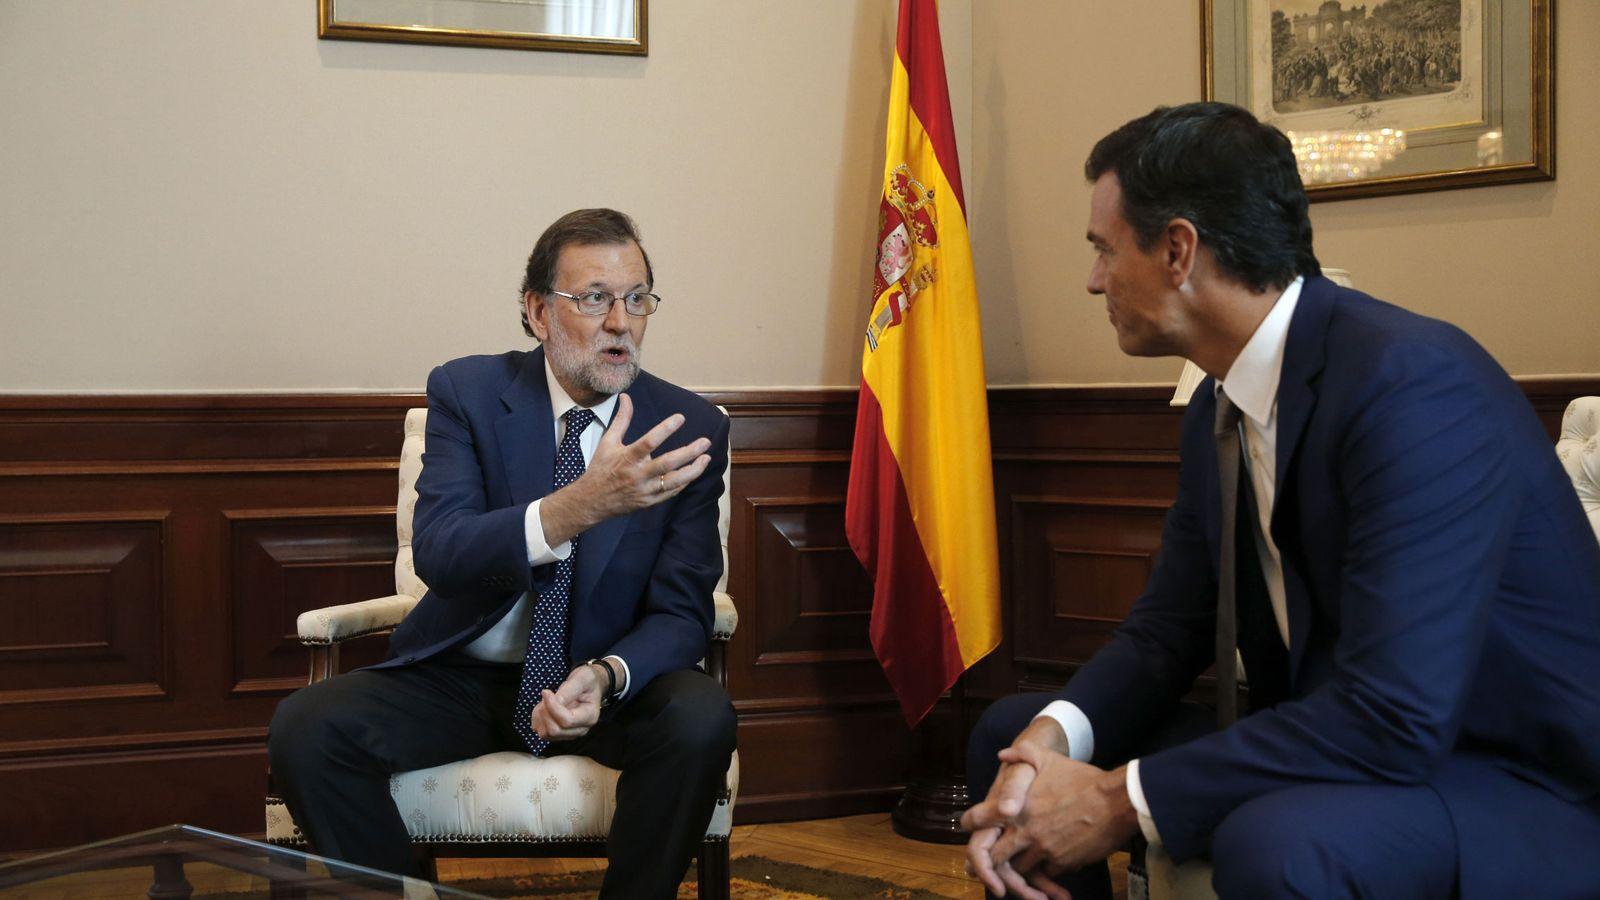 Foto: Mariano Rajoy y Pedro Sánchez, en su última reunión antes de la defenestración del madrileño, el 29 de agosto de 2016. (EFE)